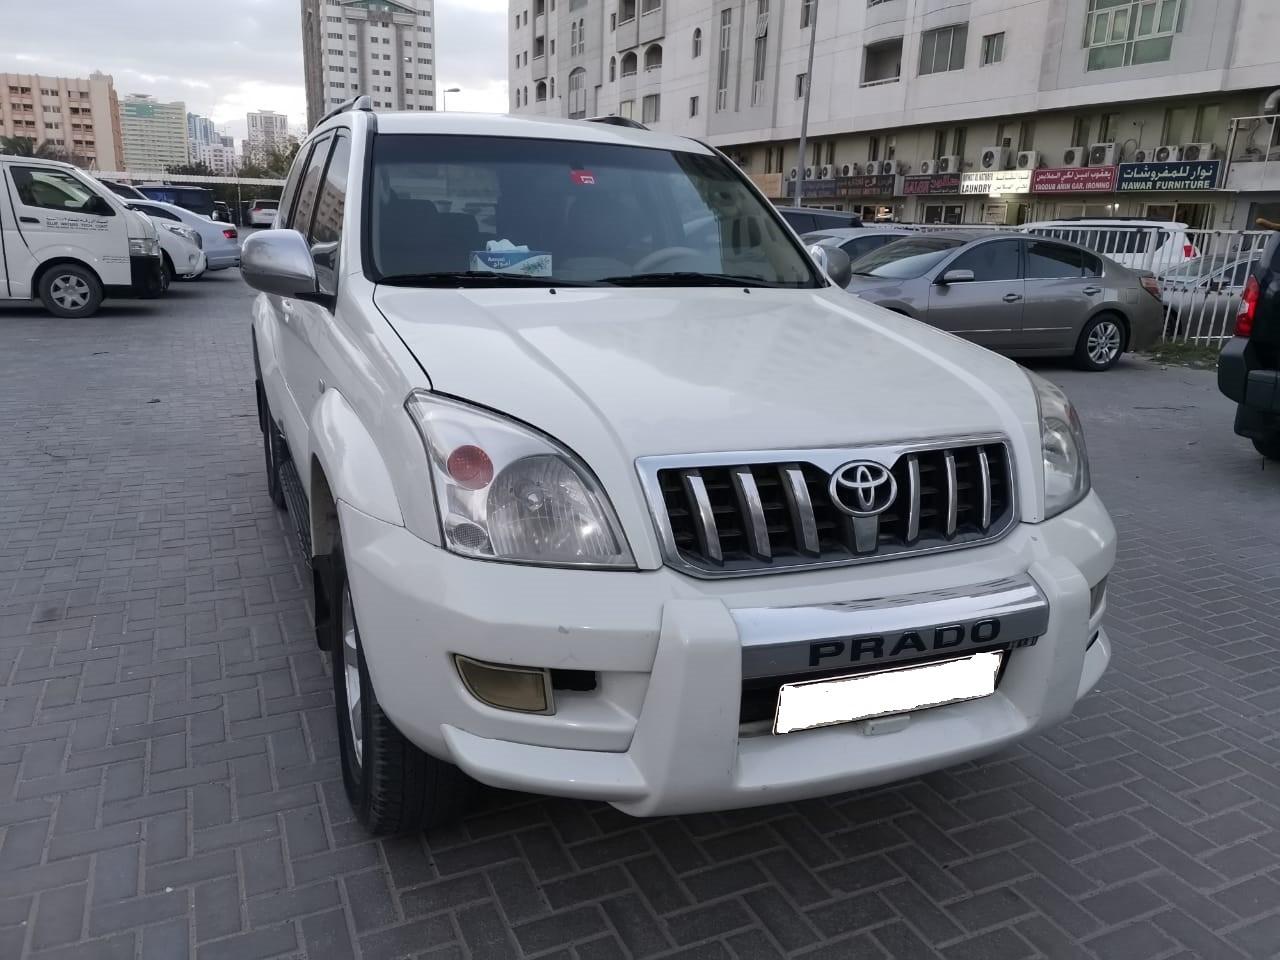 Kekurangan Toyota Prado 2005 Tangguh